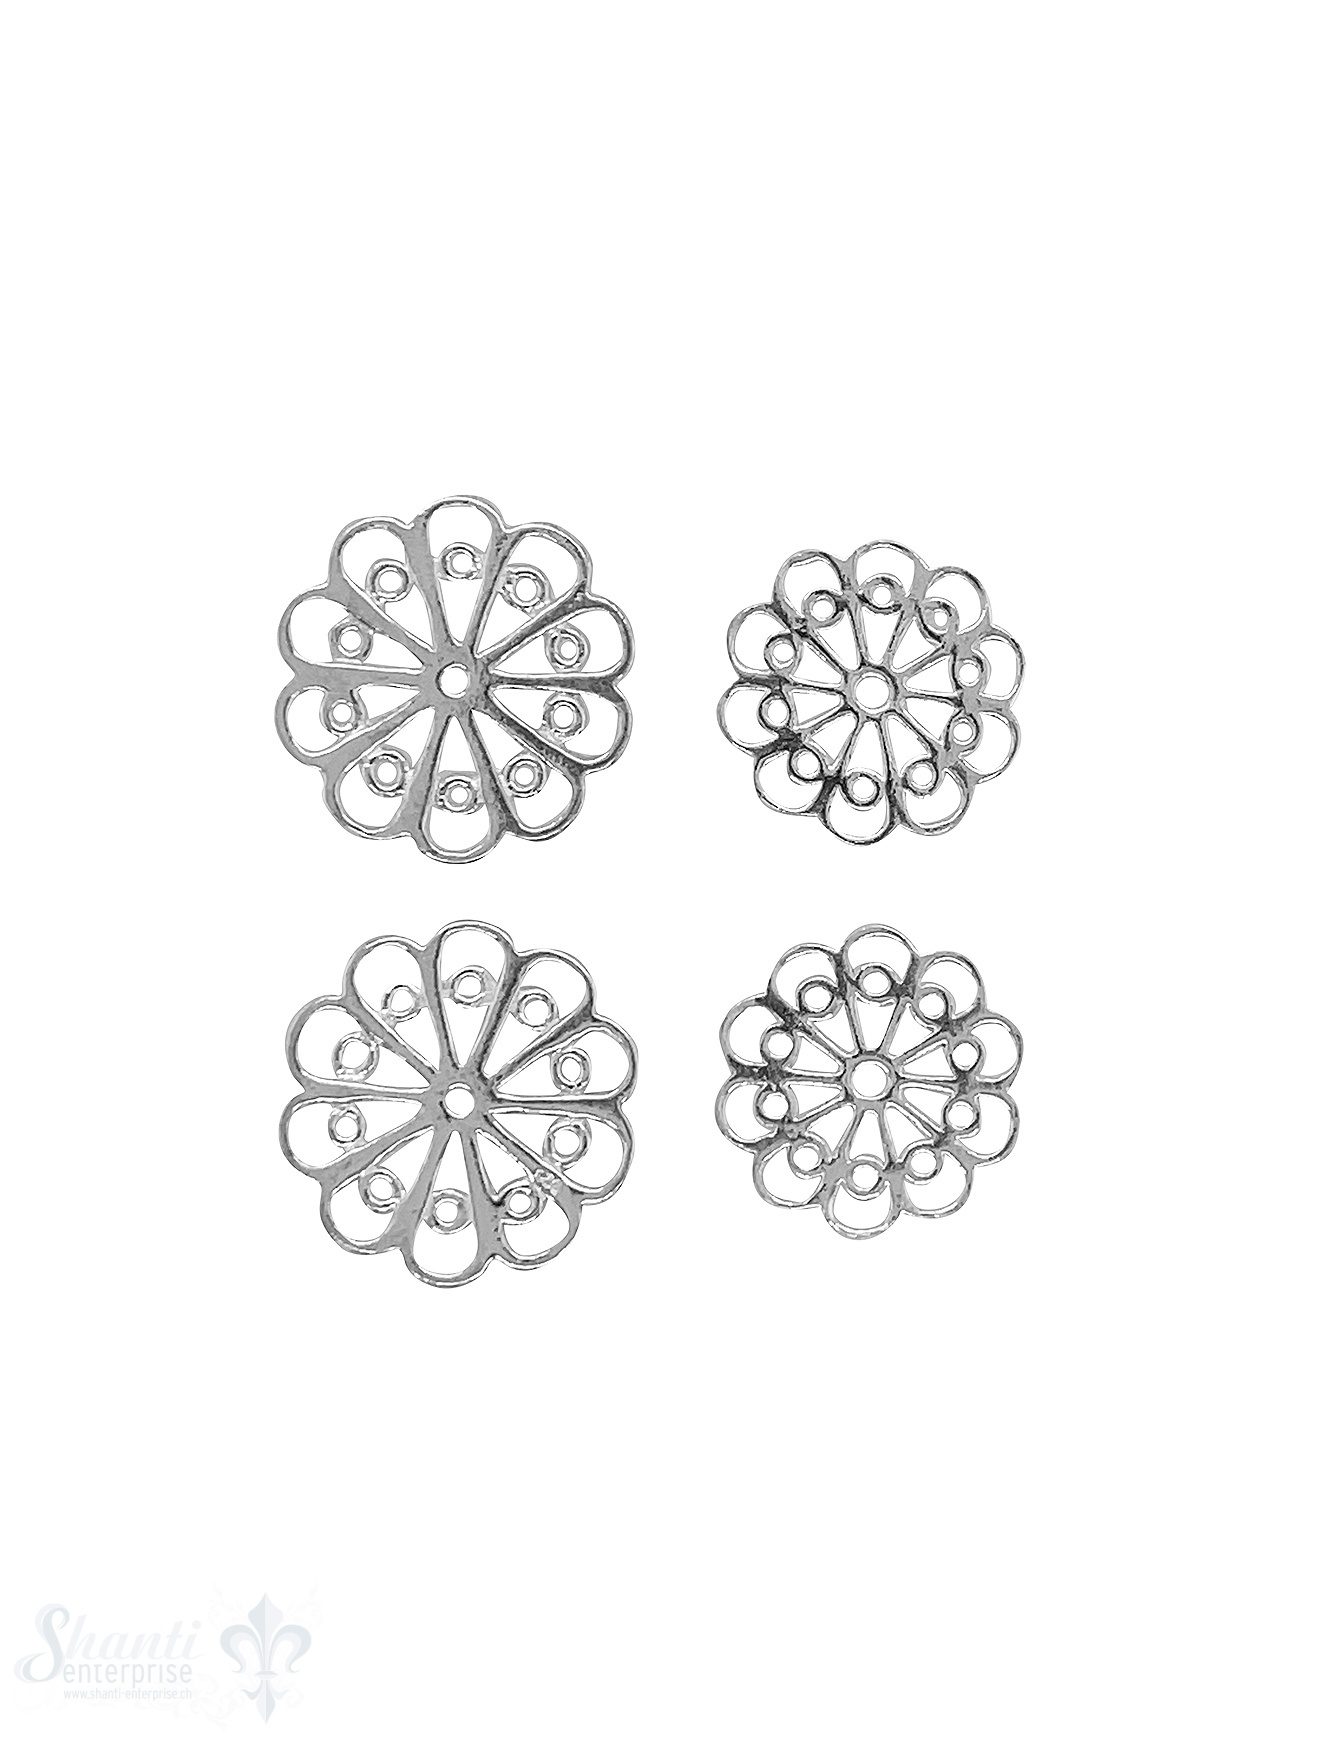 Blumen Amulett Silber hell durchbrochen filigran verziert ohne Öse 1 Pack = 3 Stück